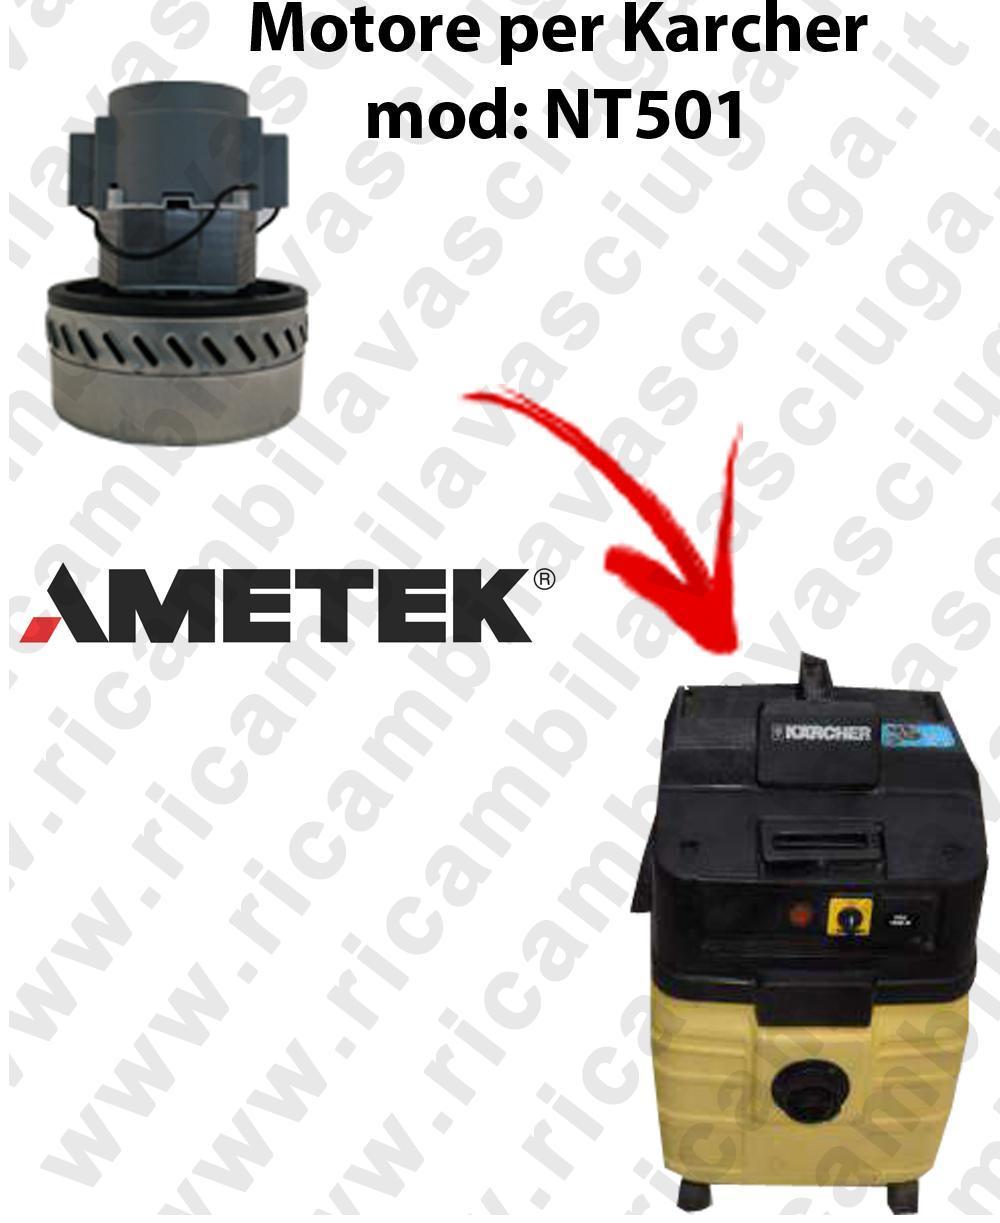 NT501 MOTEUR ASPIRATION AMETEK pour aspirateur KARCHER-2